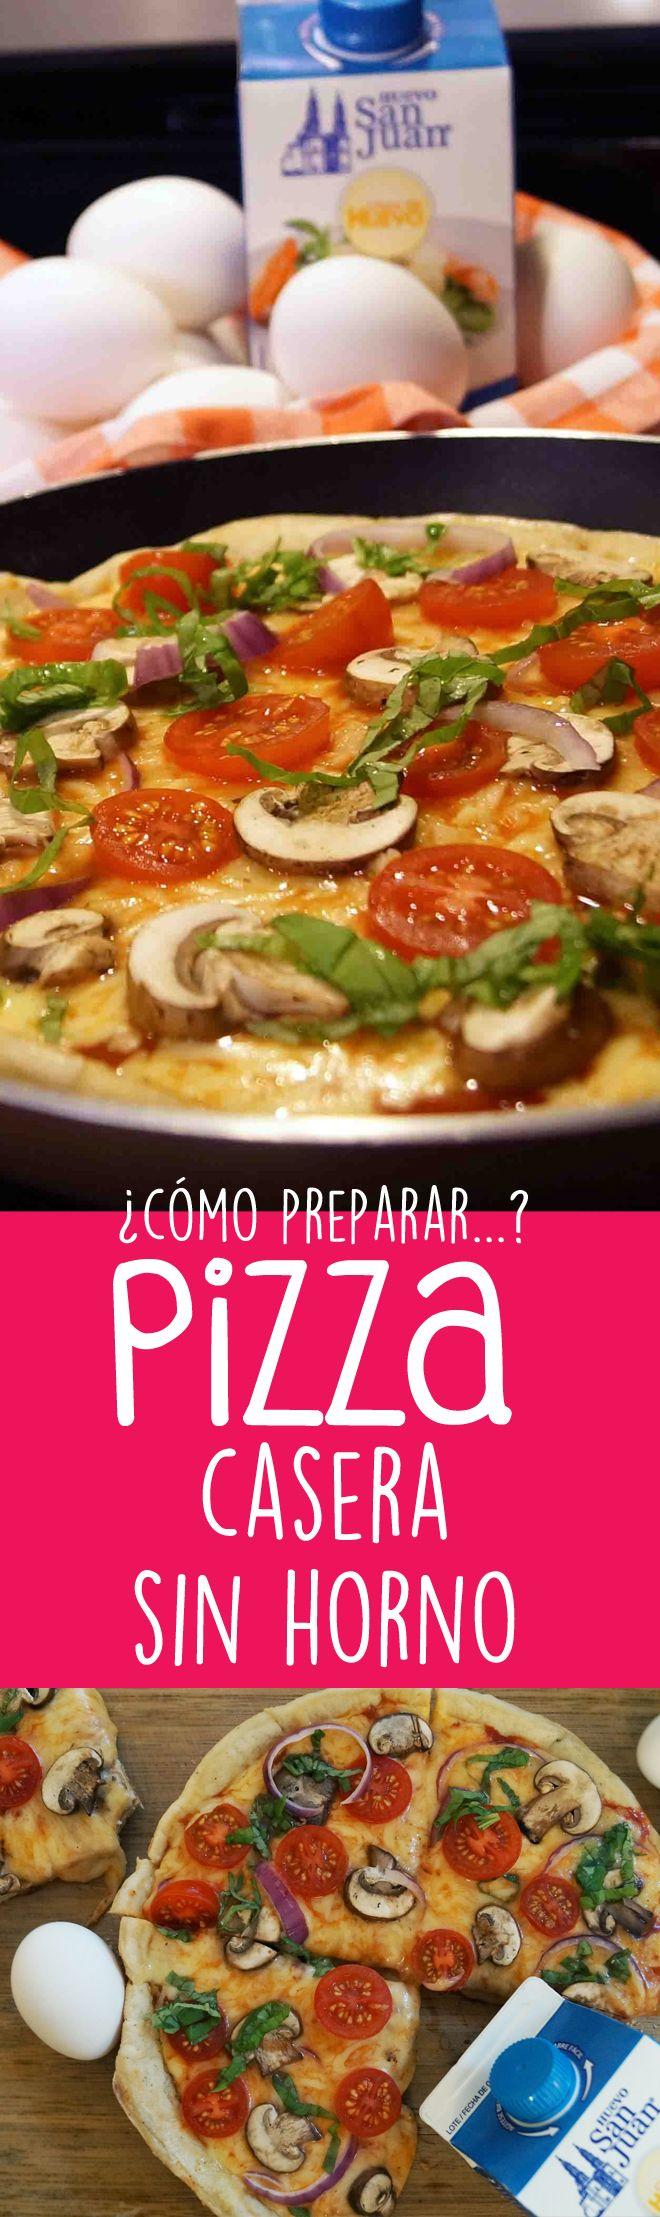 ¿Cómo preparar pizza en casa? versión saludable sin utilizar horno.